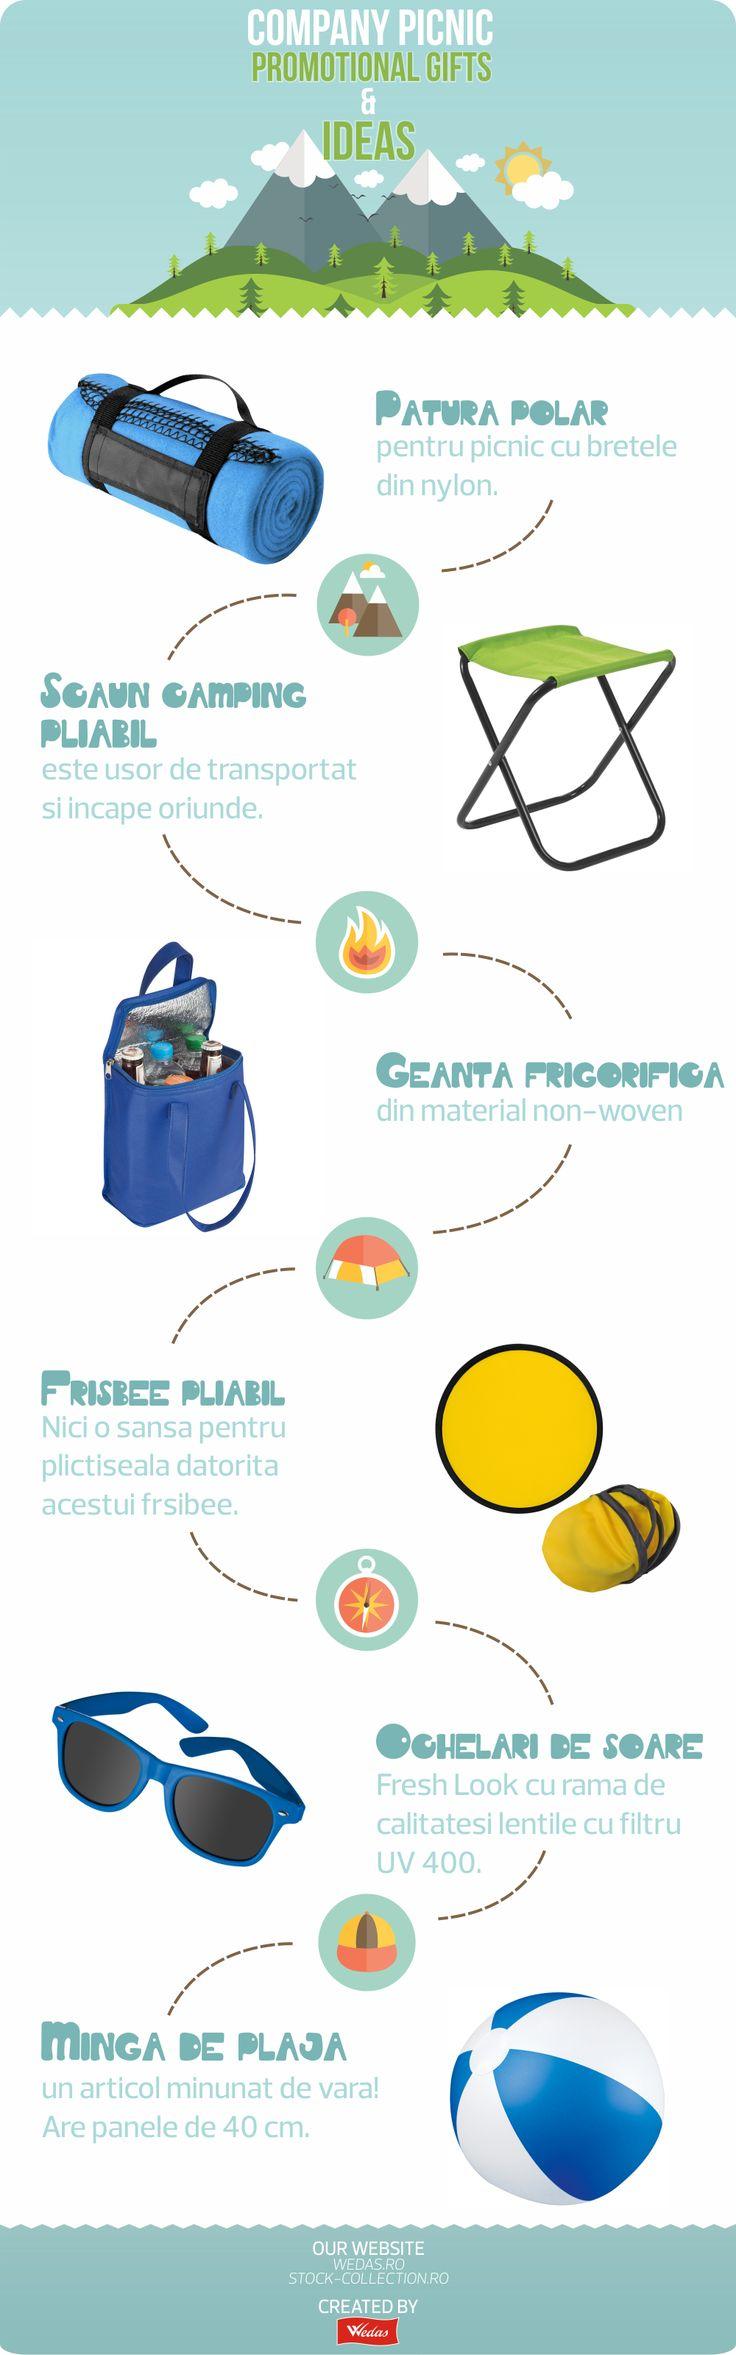 Idei pentru un picnic de companie reusit: http://www.wedas.ro/materiale-promotionale/blog/idei-pentru-un-picnic-de-companie-reusit